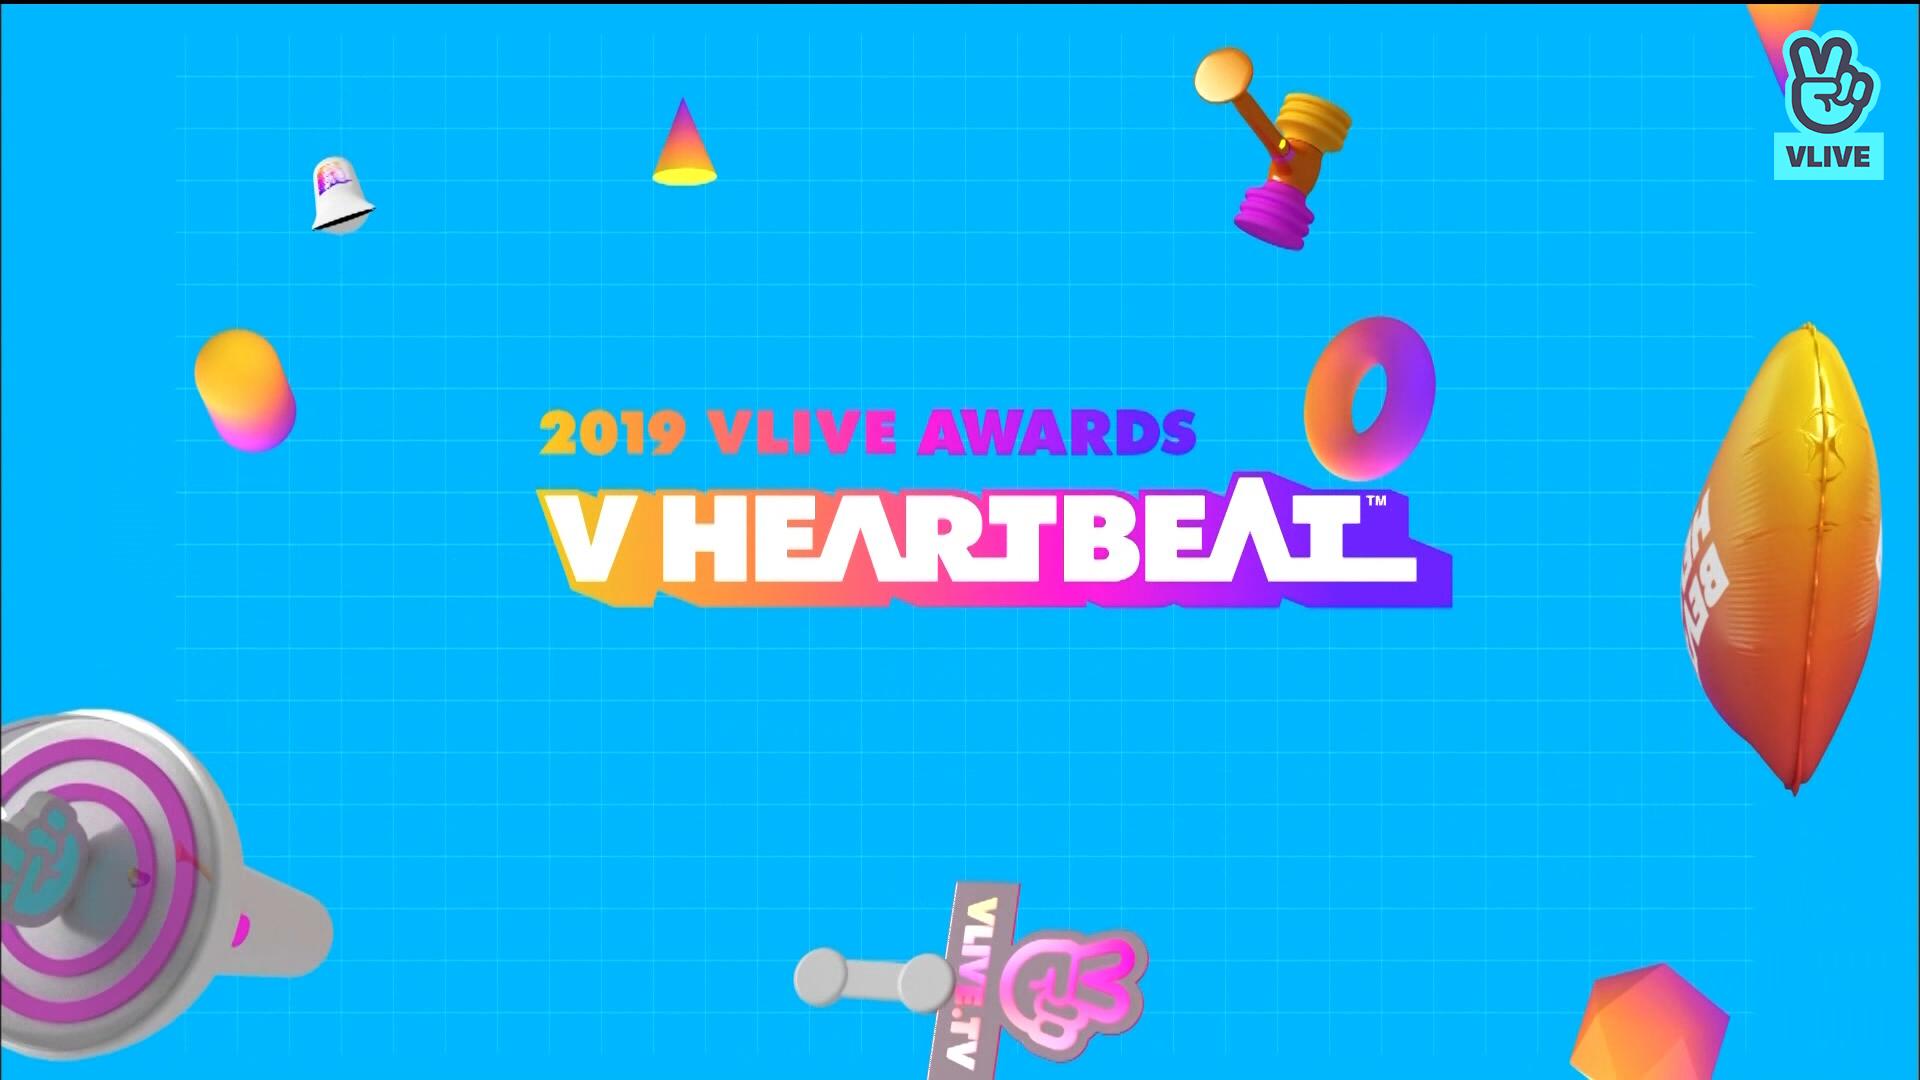 [Full] 2019 VLIVE AWARDS V HEARTBEAT PART3